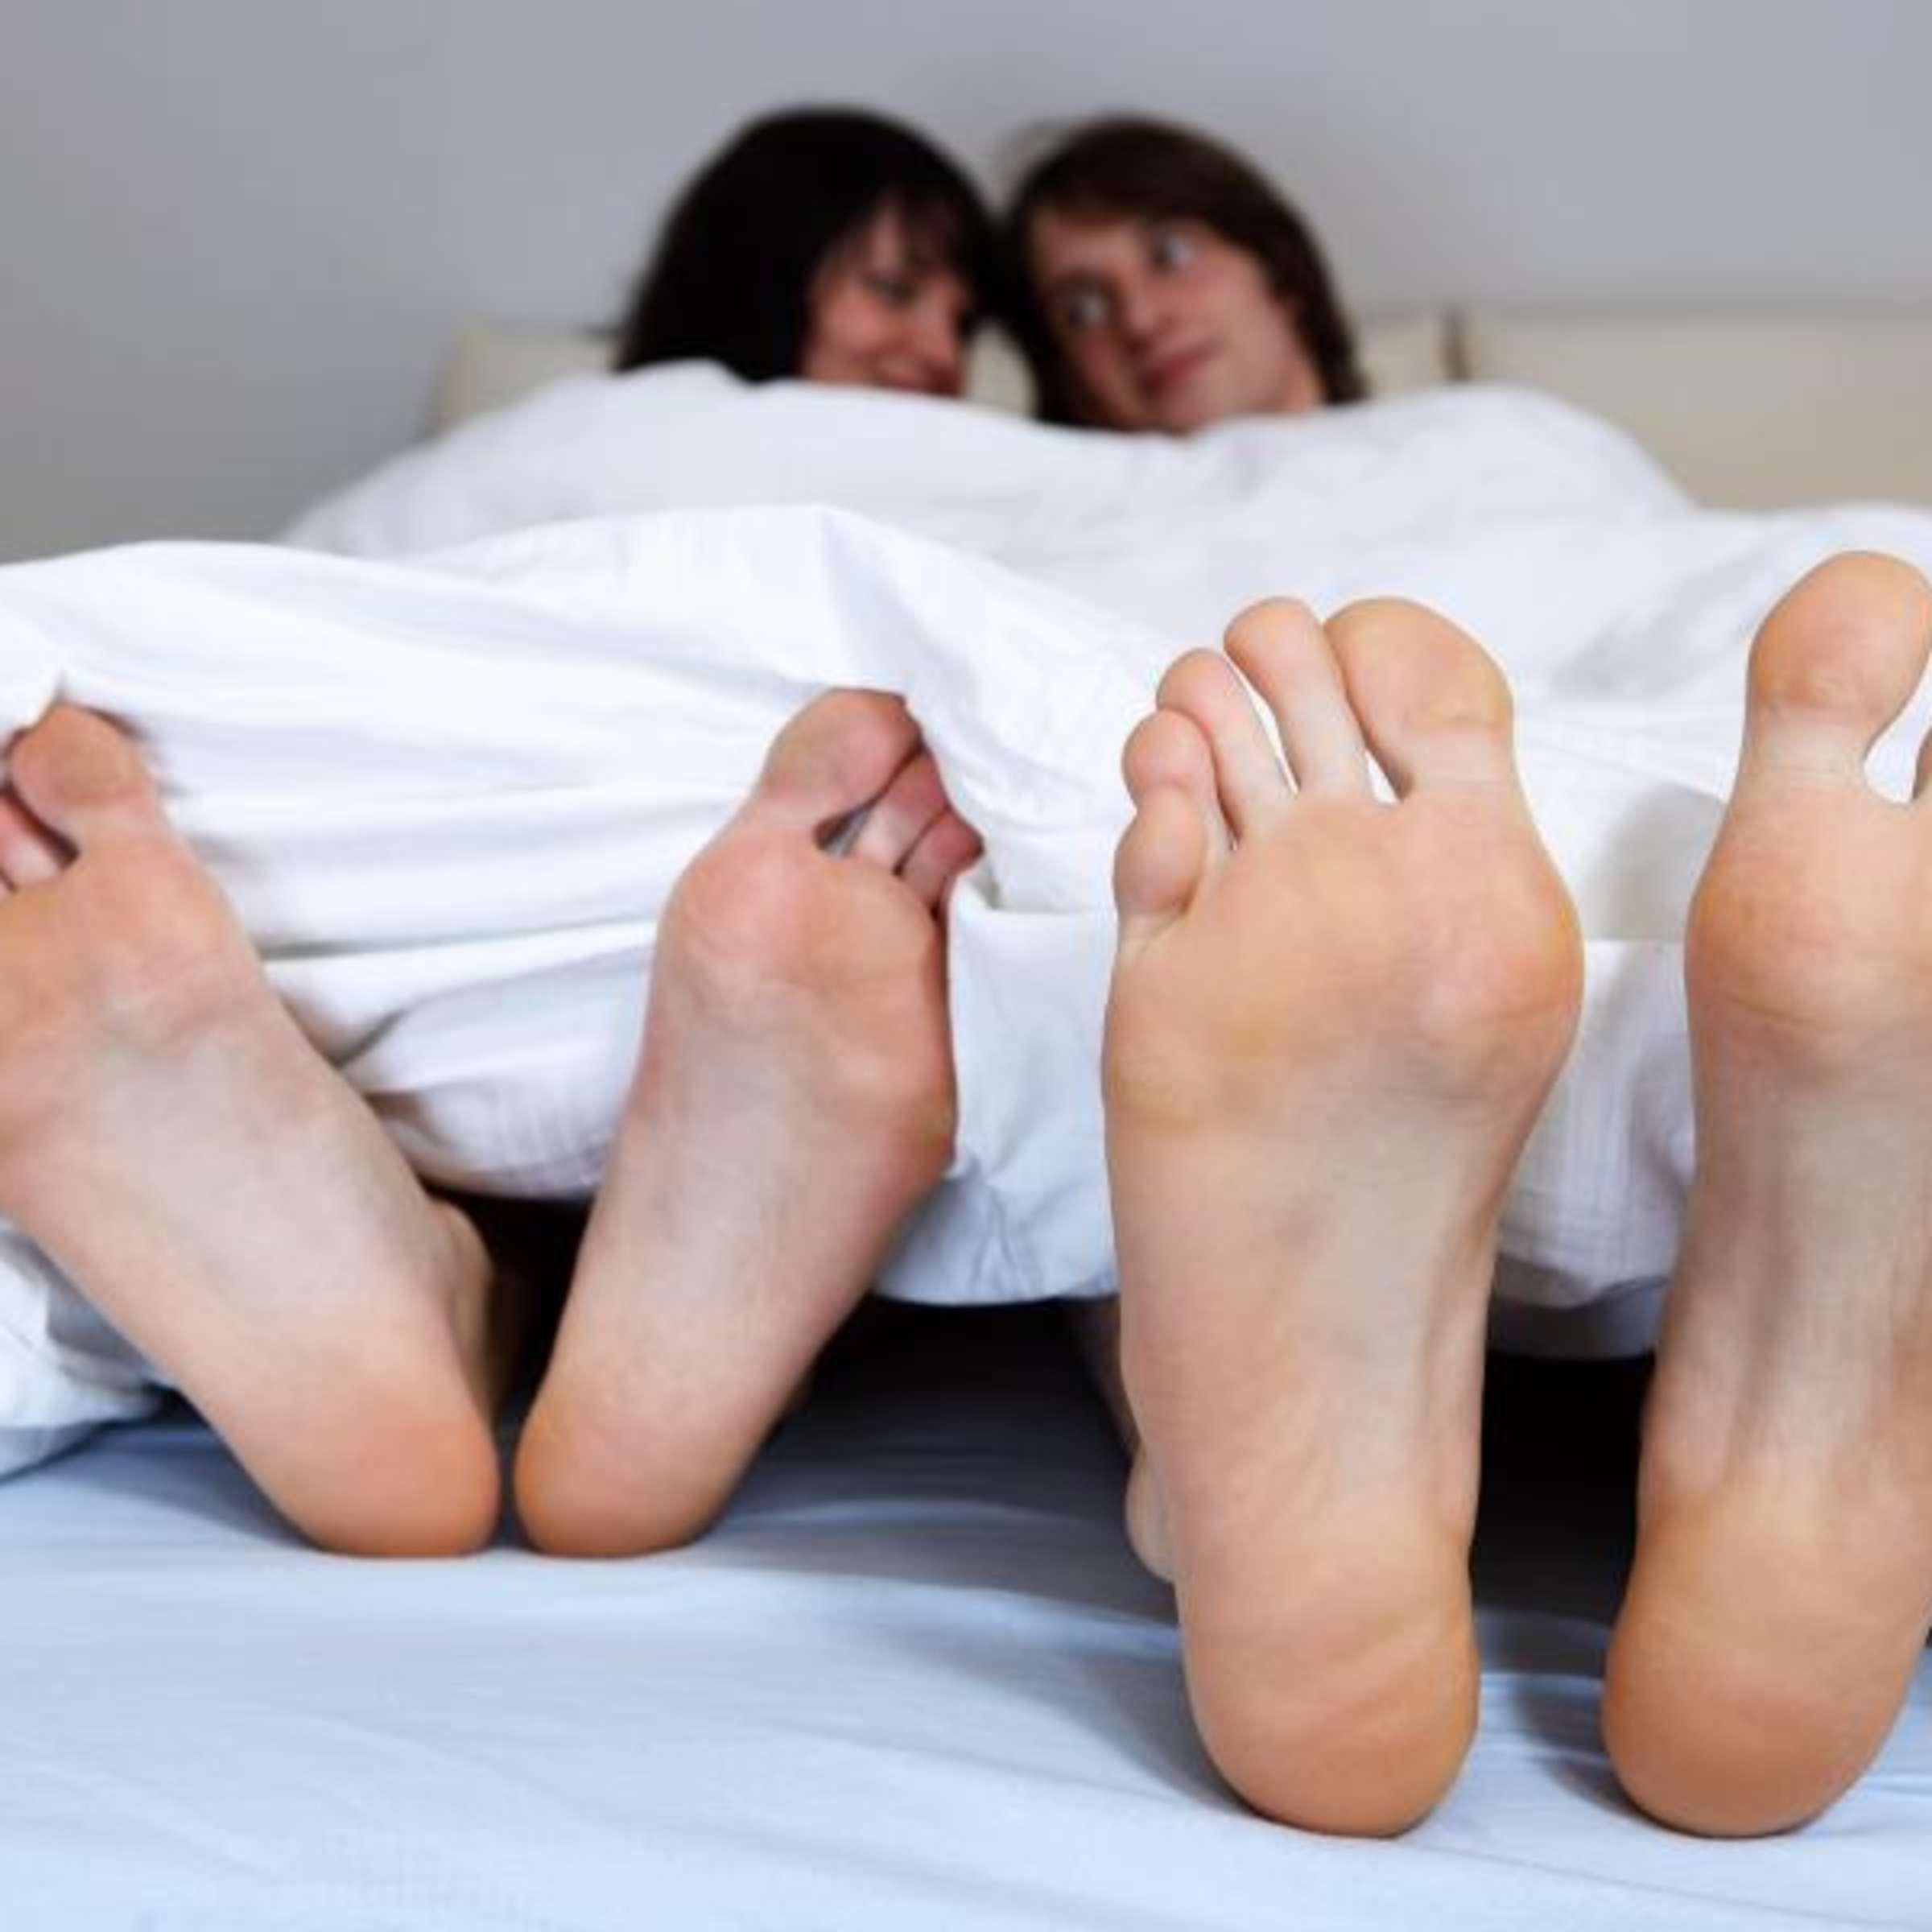 füße sohlen zehen ausgebreitet porno bilder